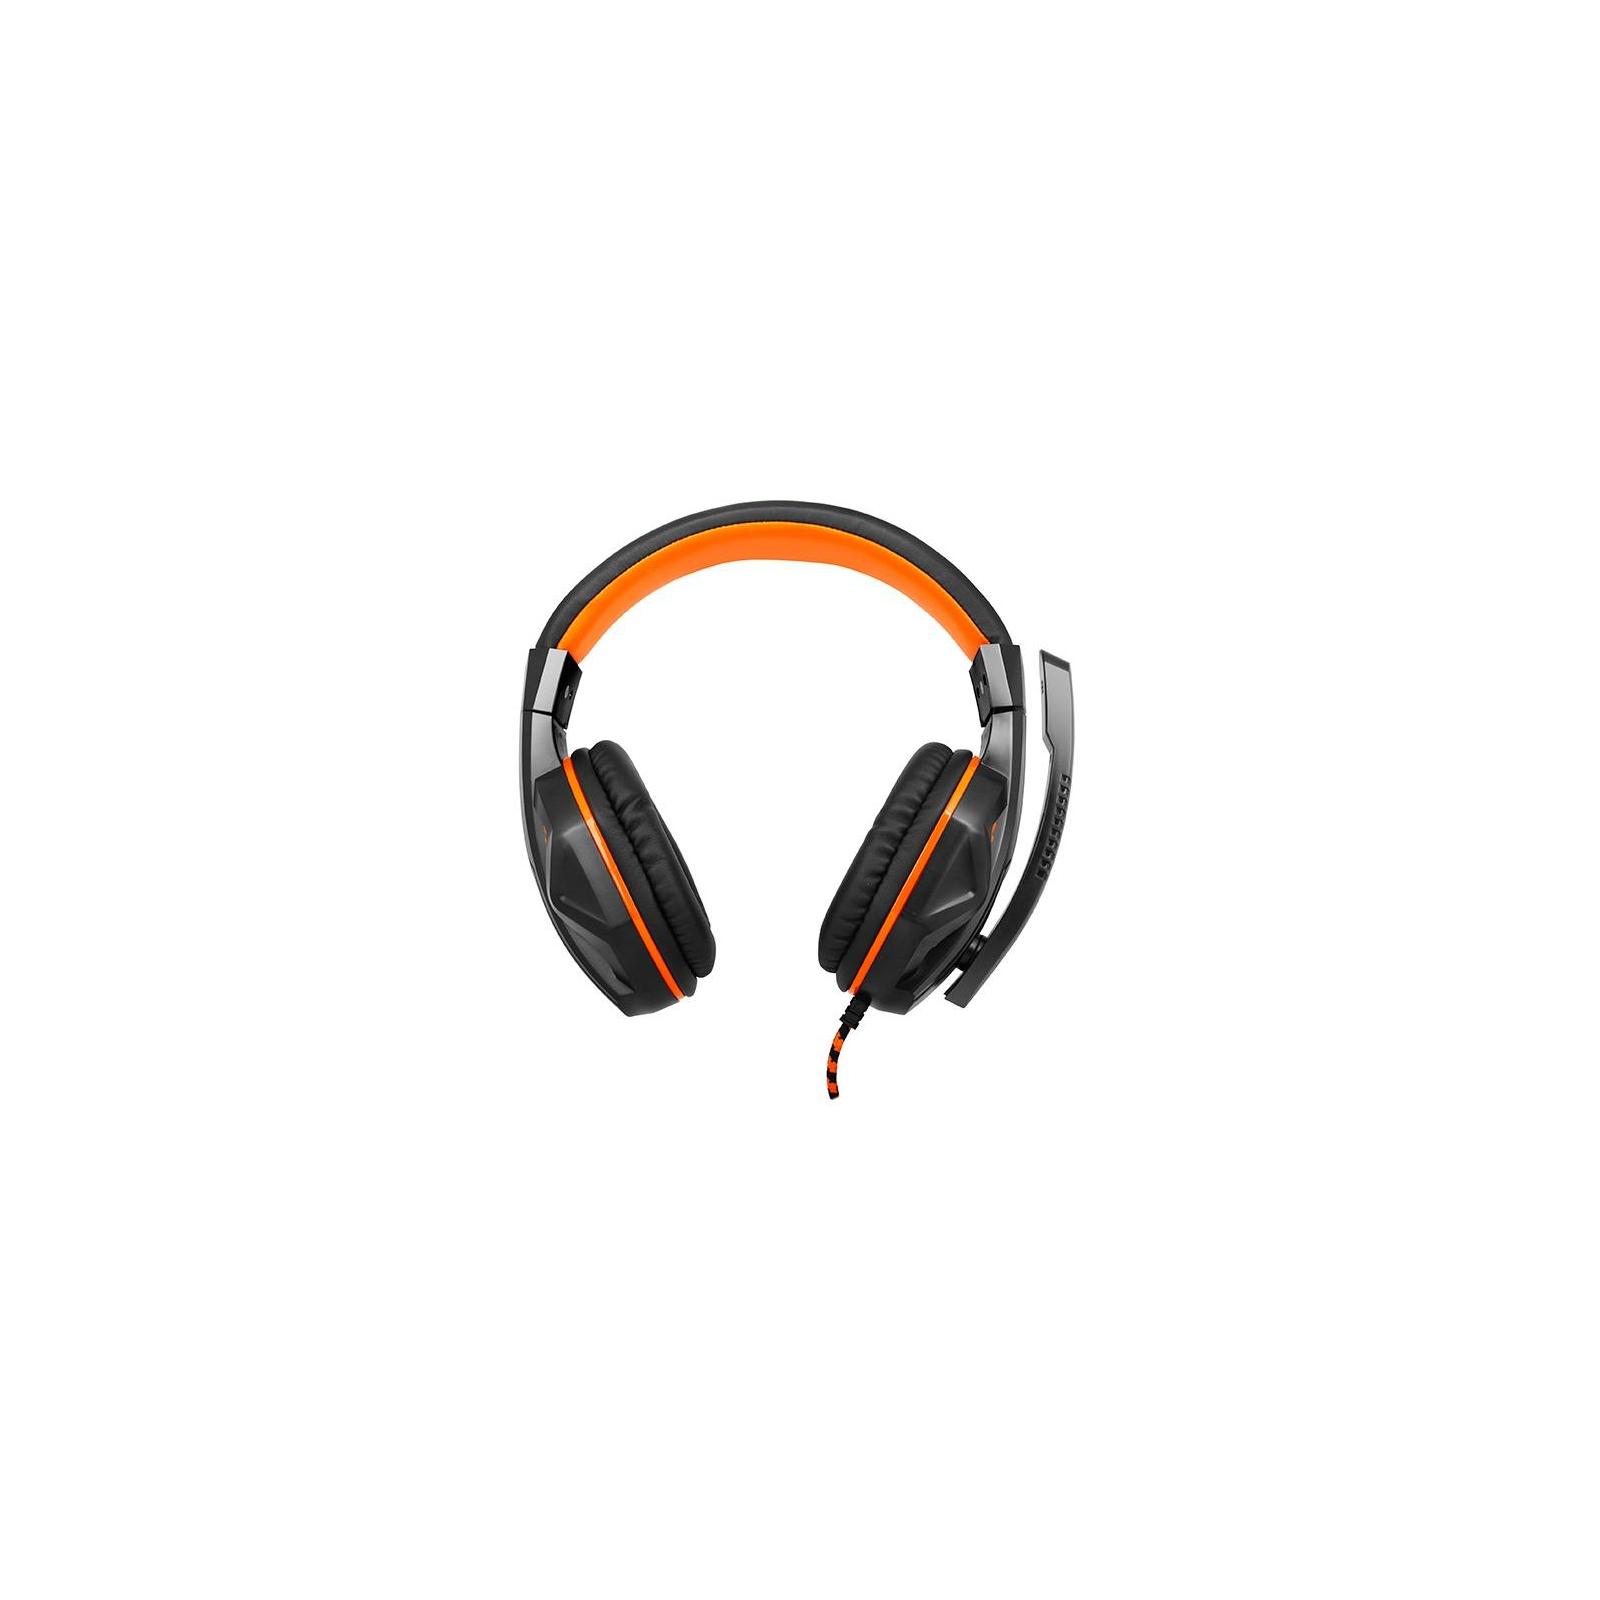 Наушники GEMIX X-370 black-orange изображение 3